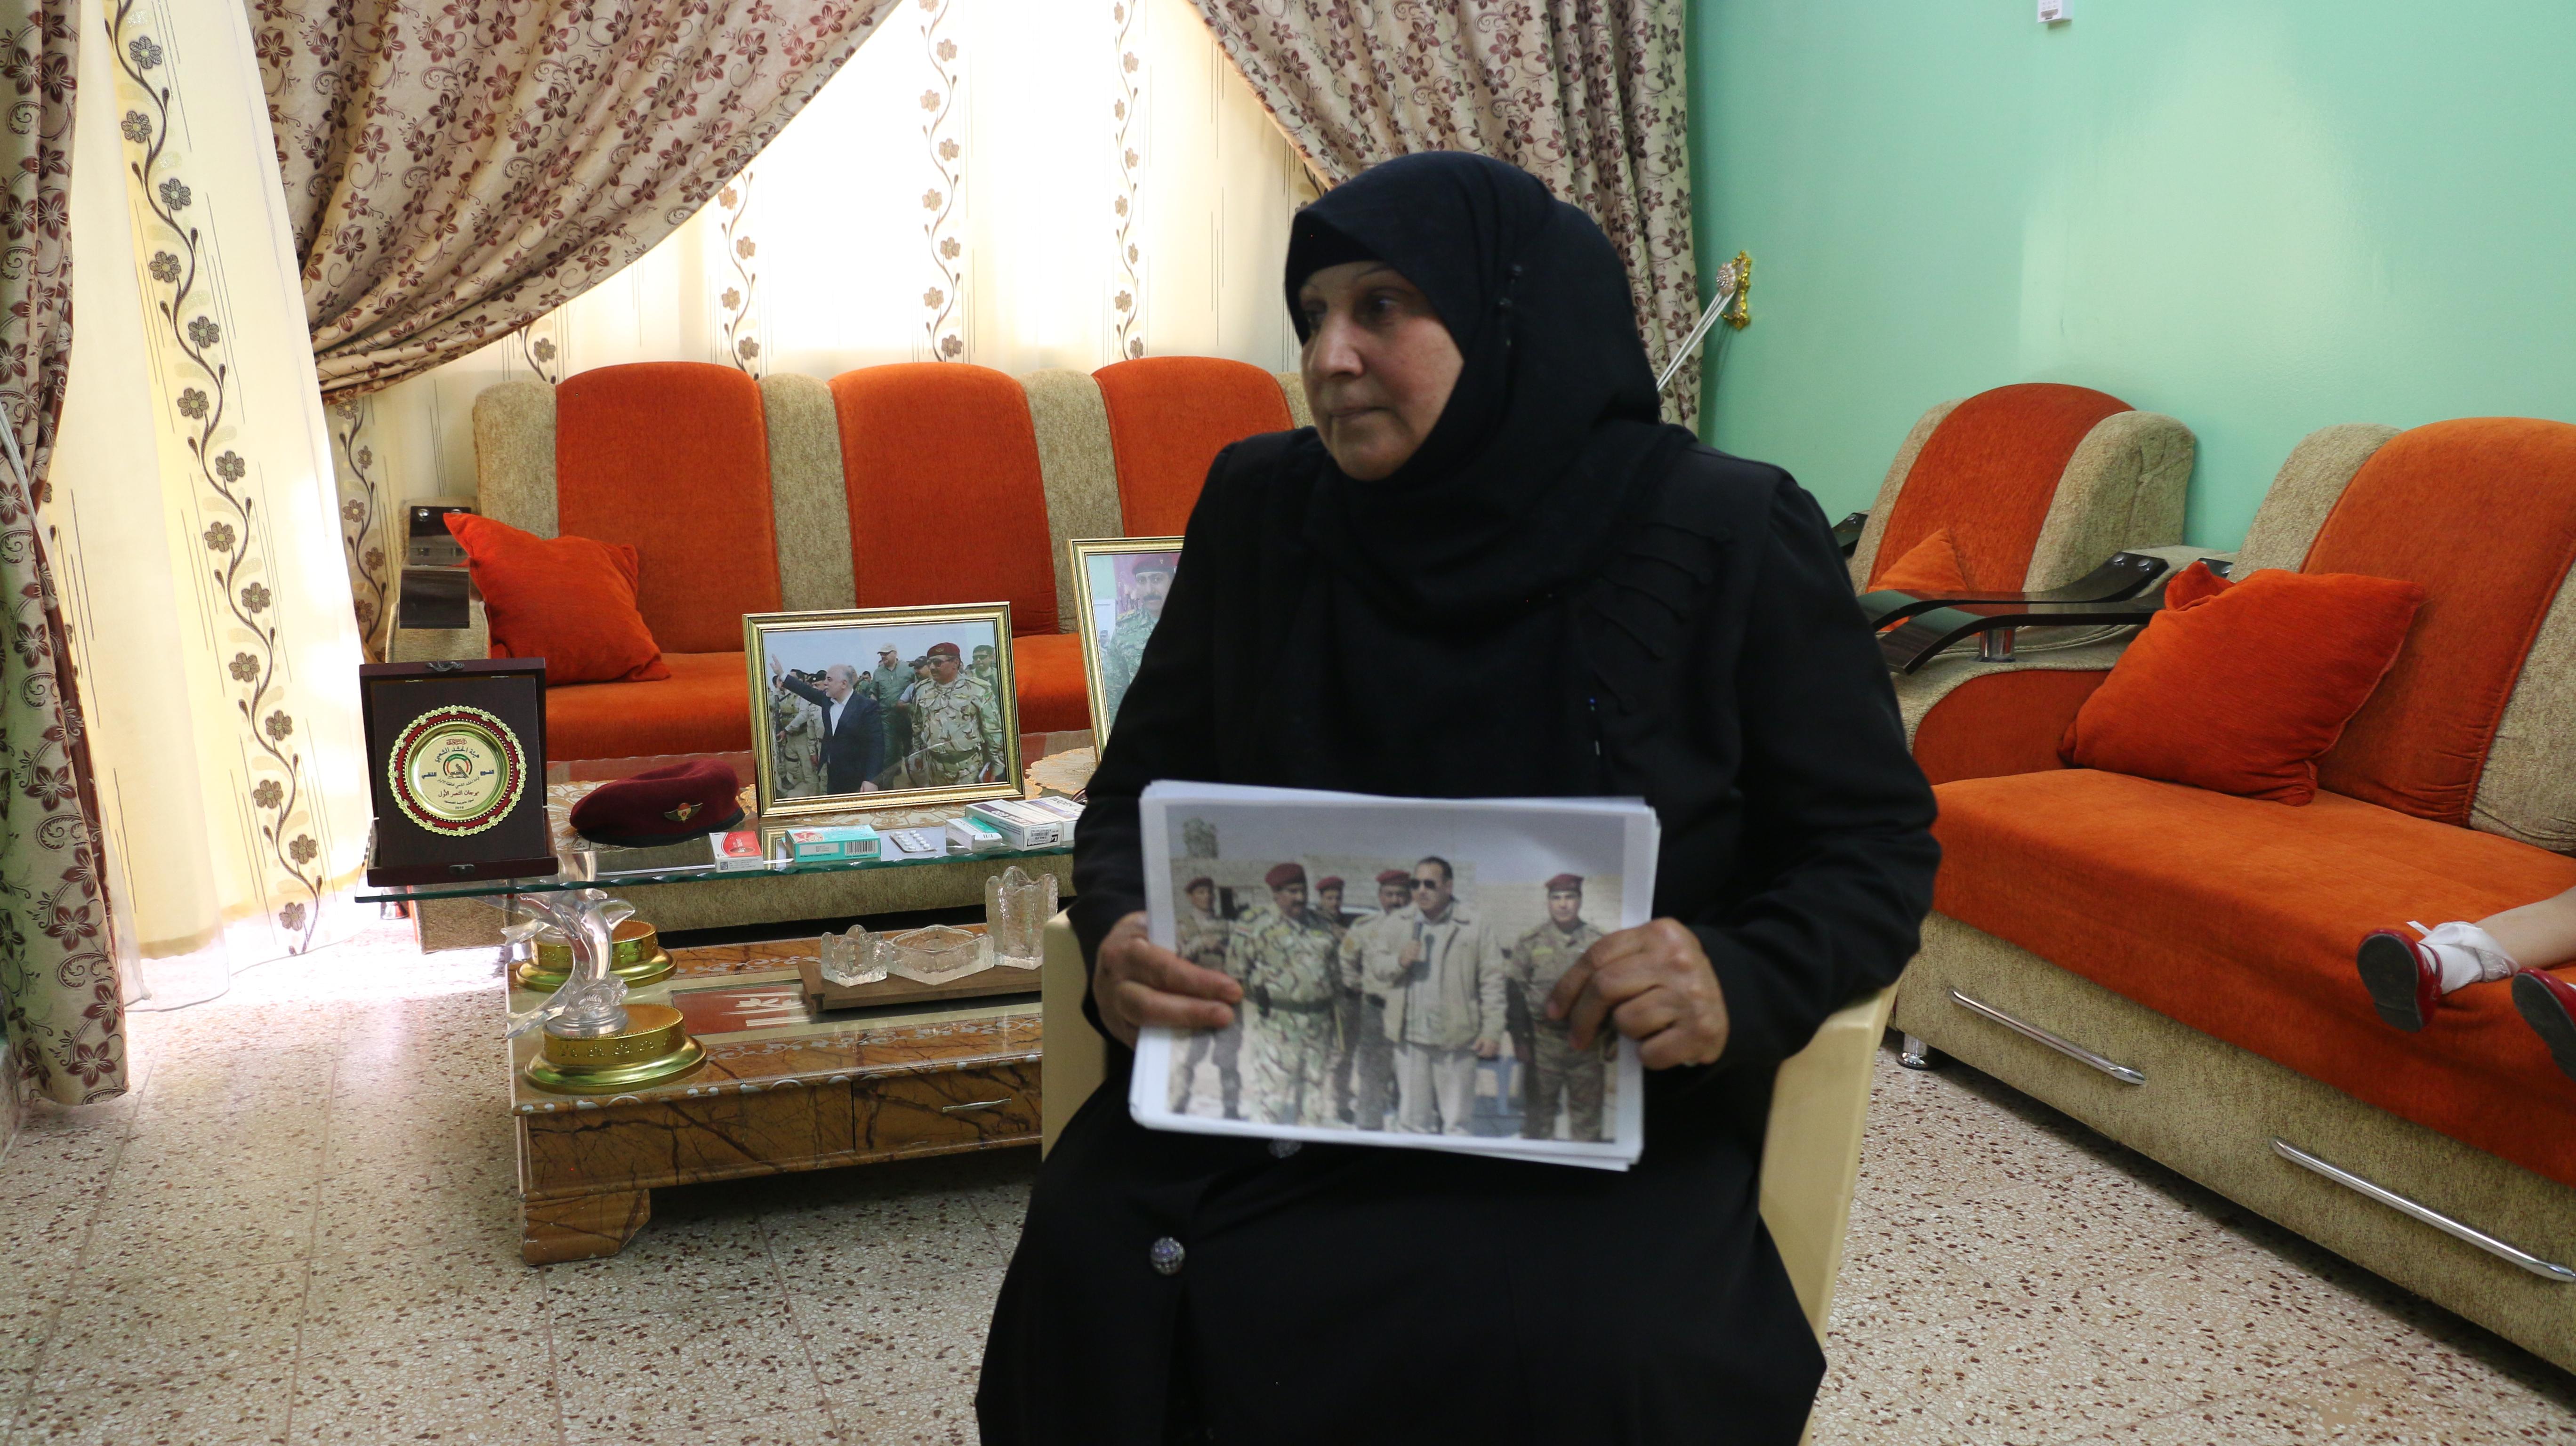 اختفاء العيساوي.. عائلته تناشد العبادي وقيادات الحشد بمعرفة مصيره